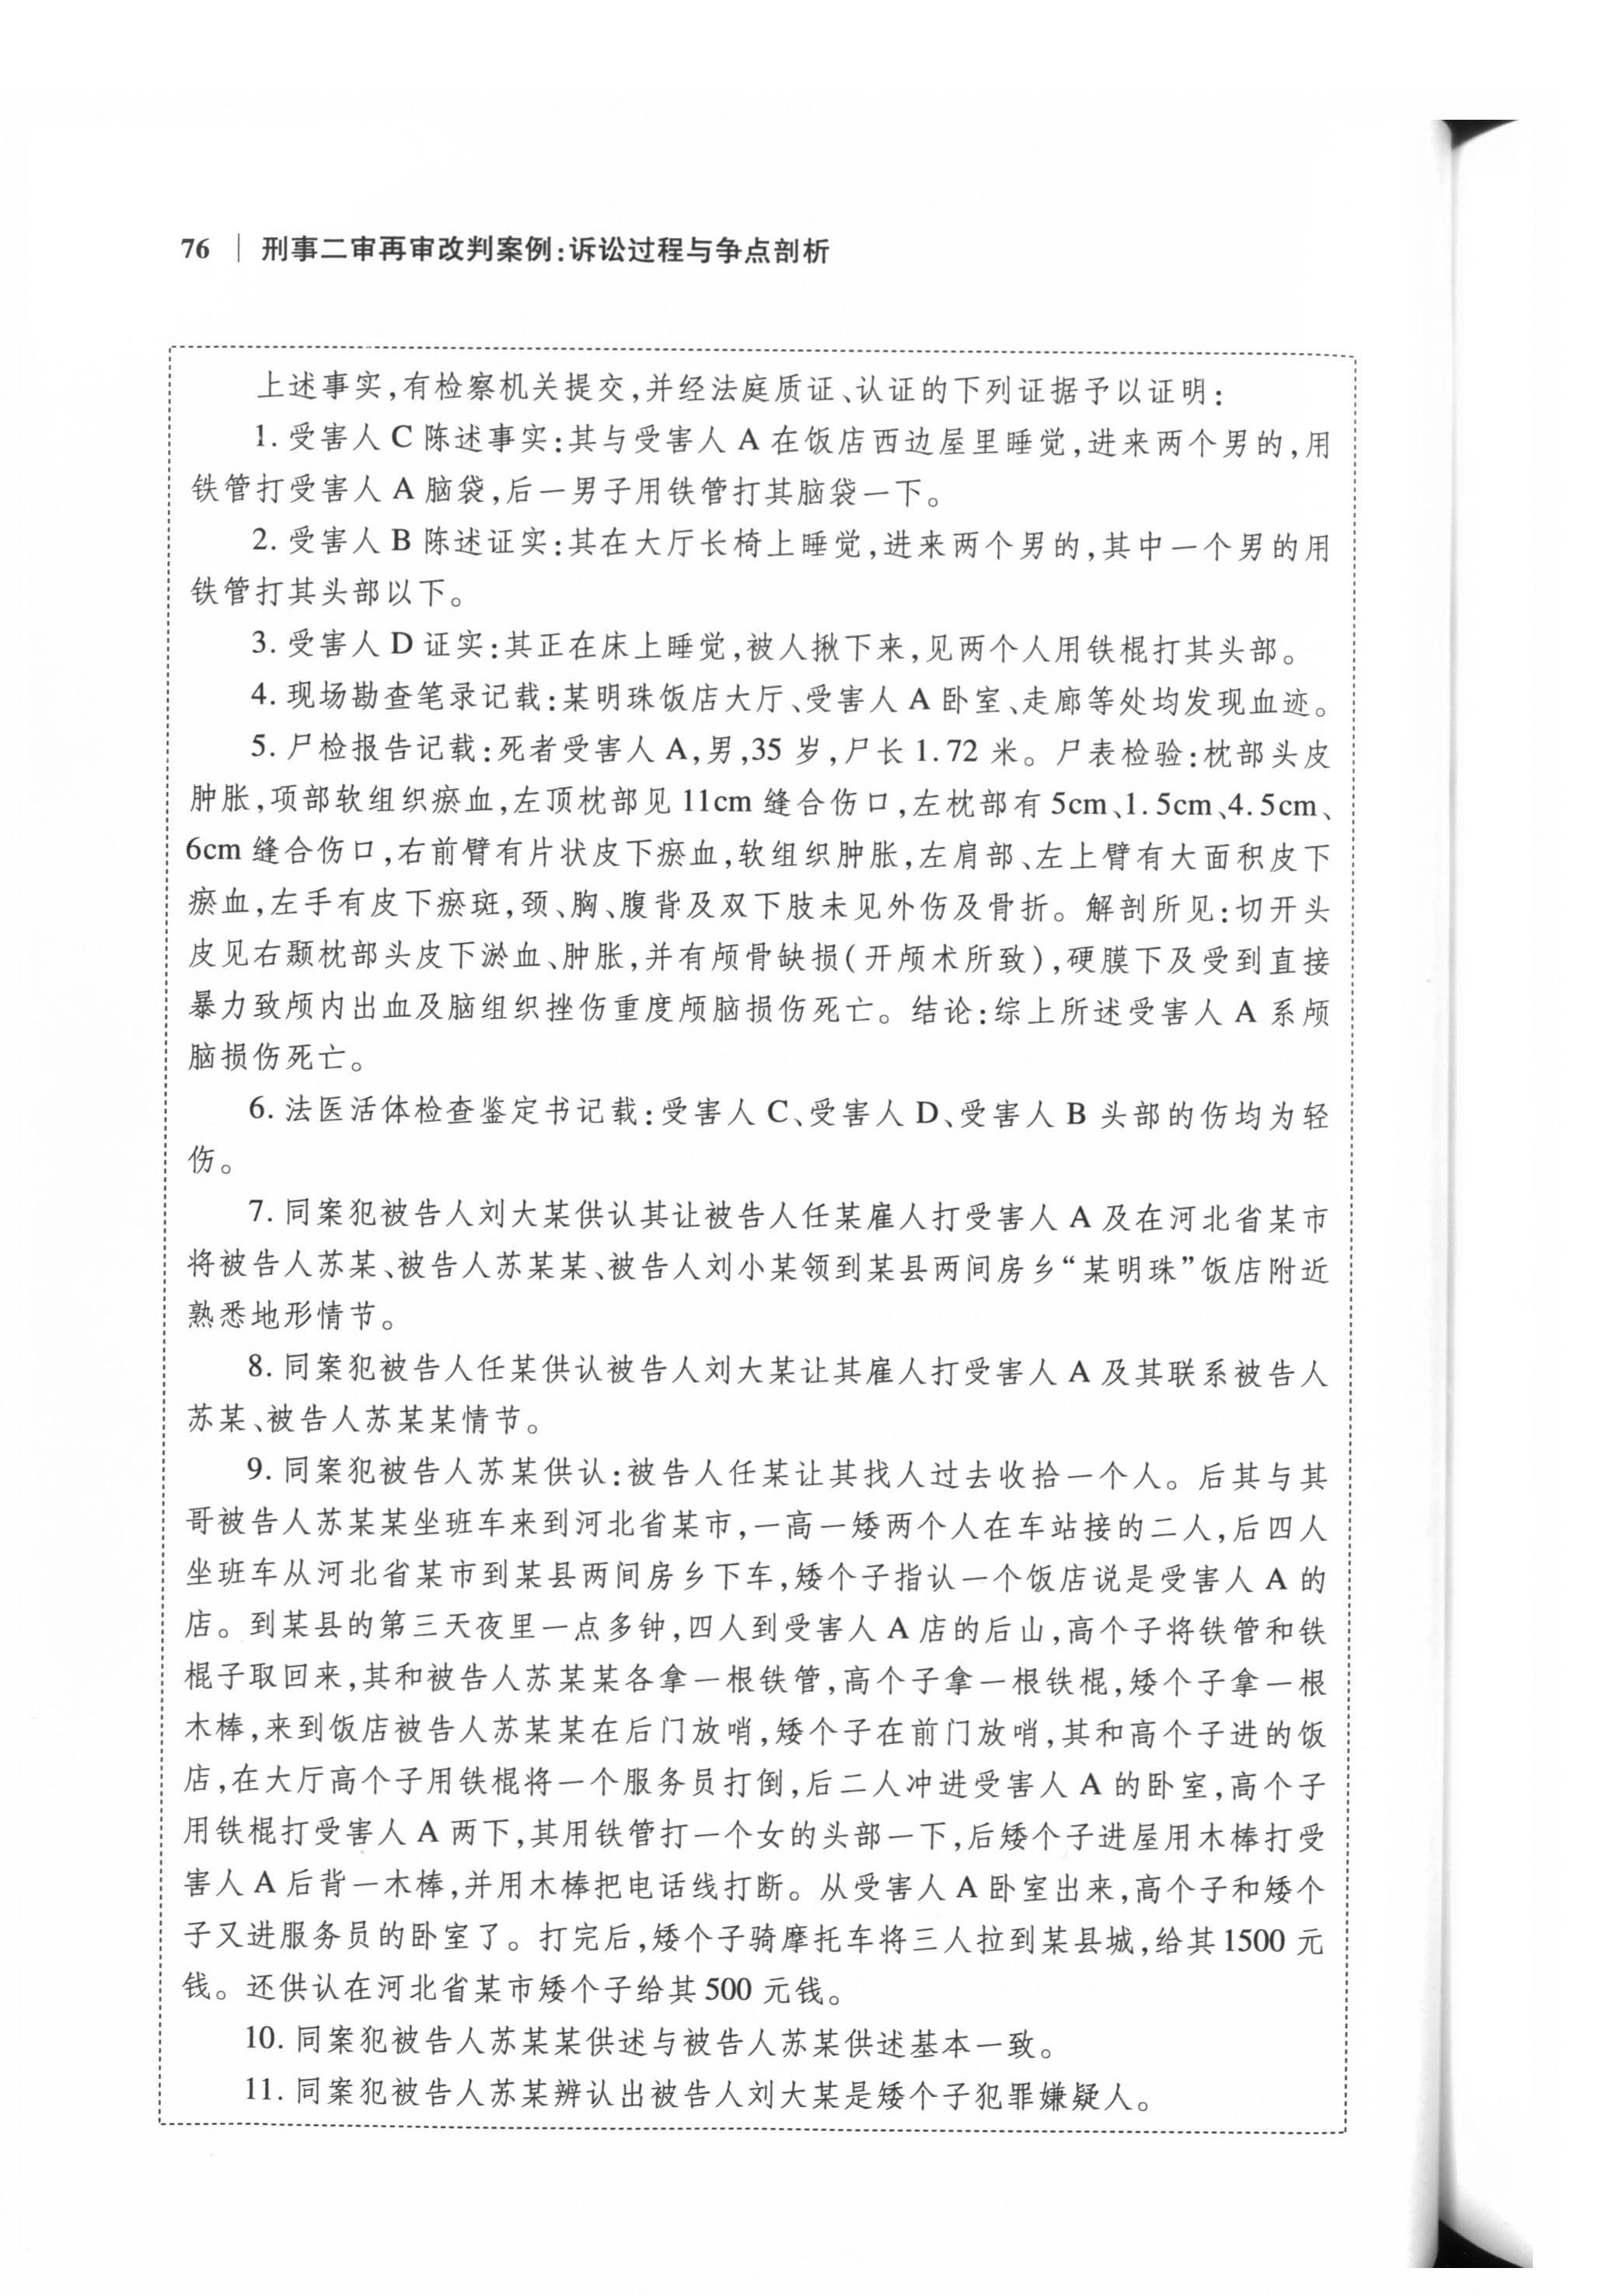 刘小某故意杀人案成功改判(图9)